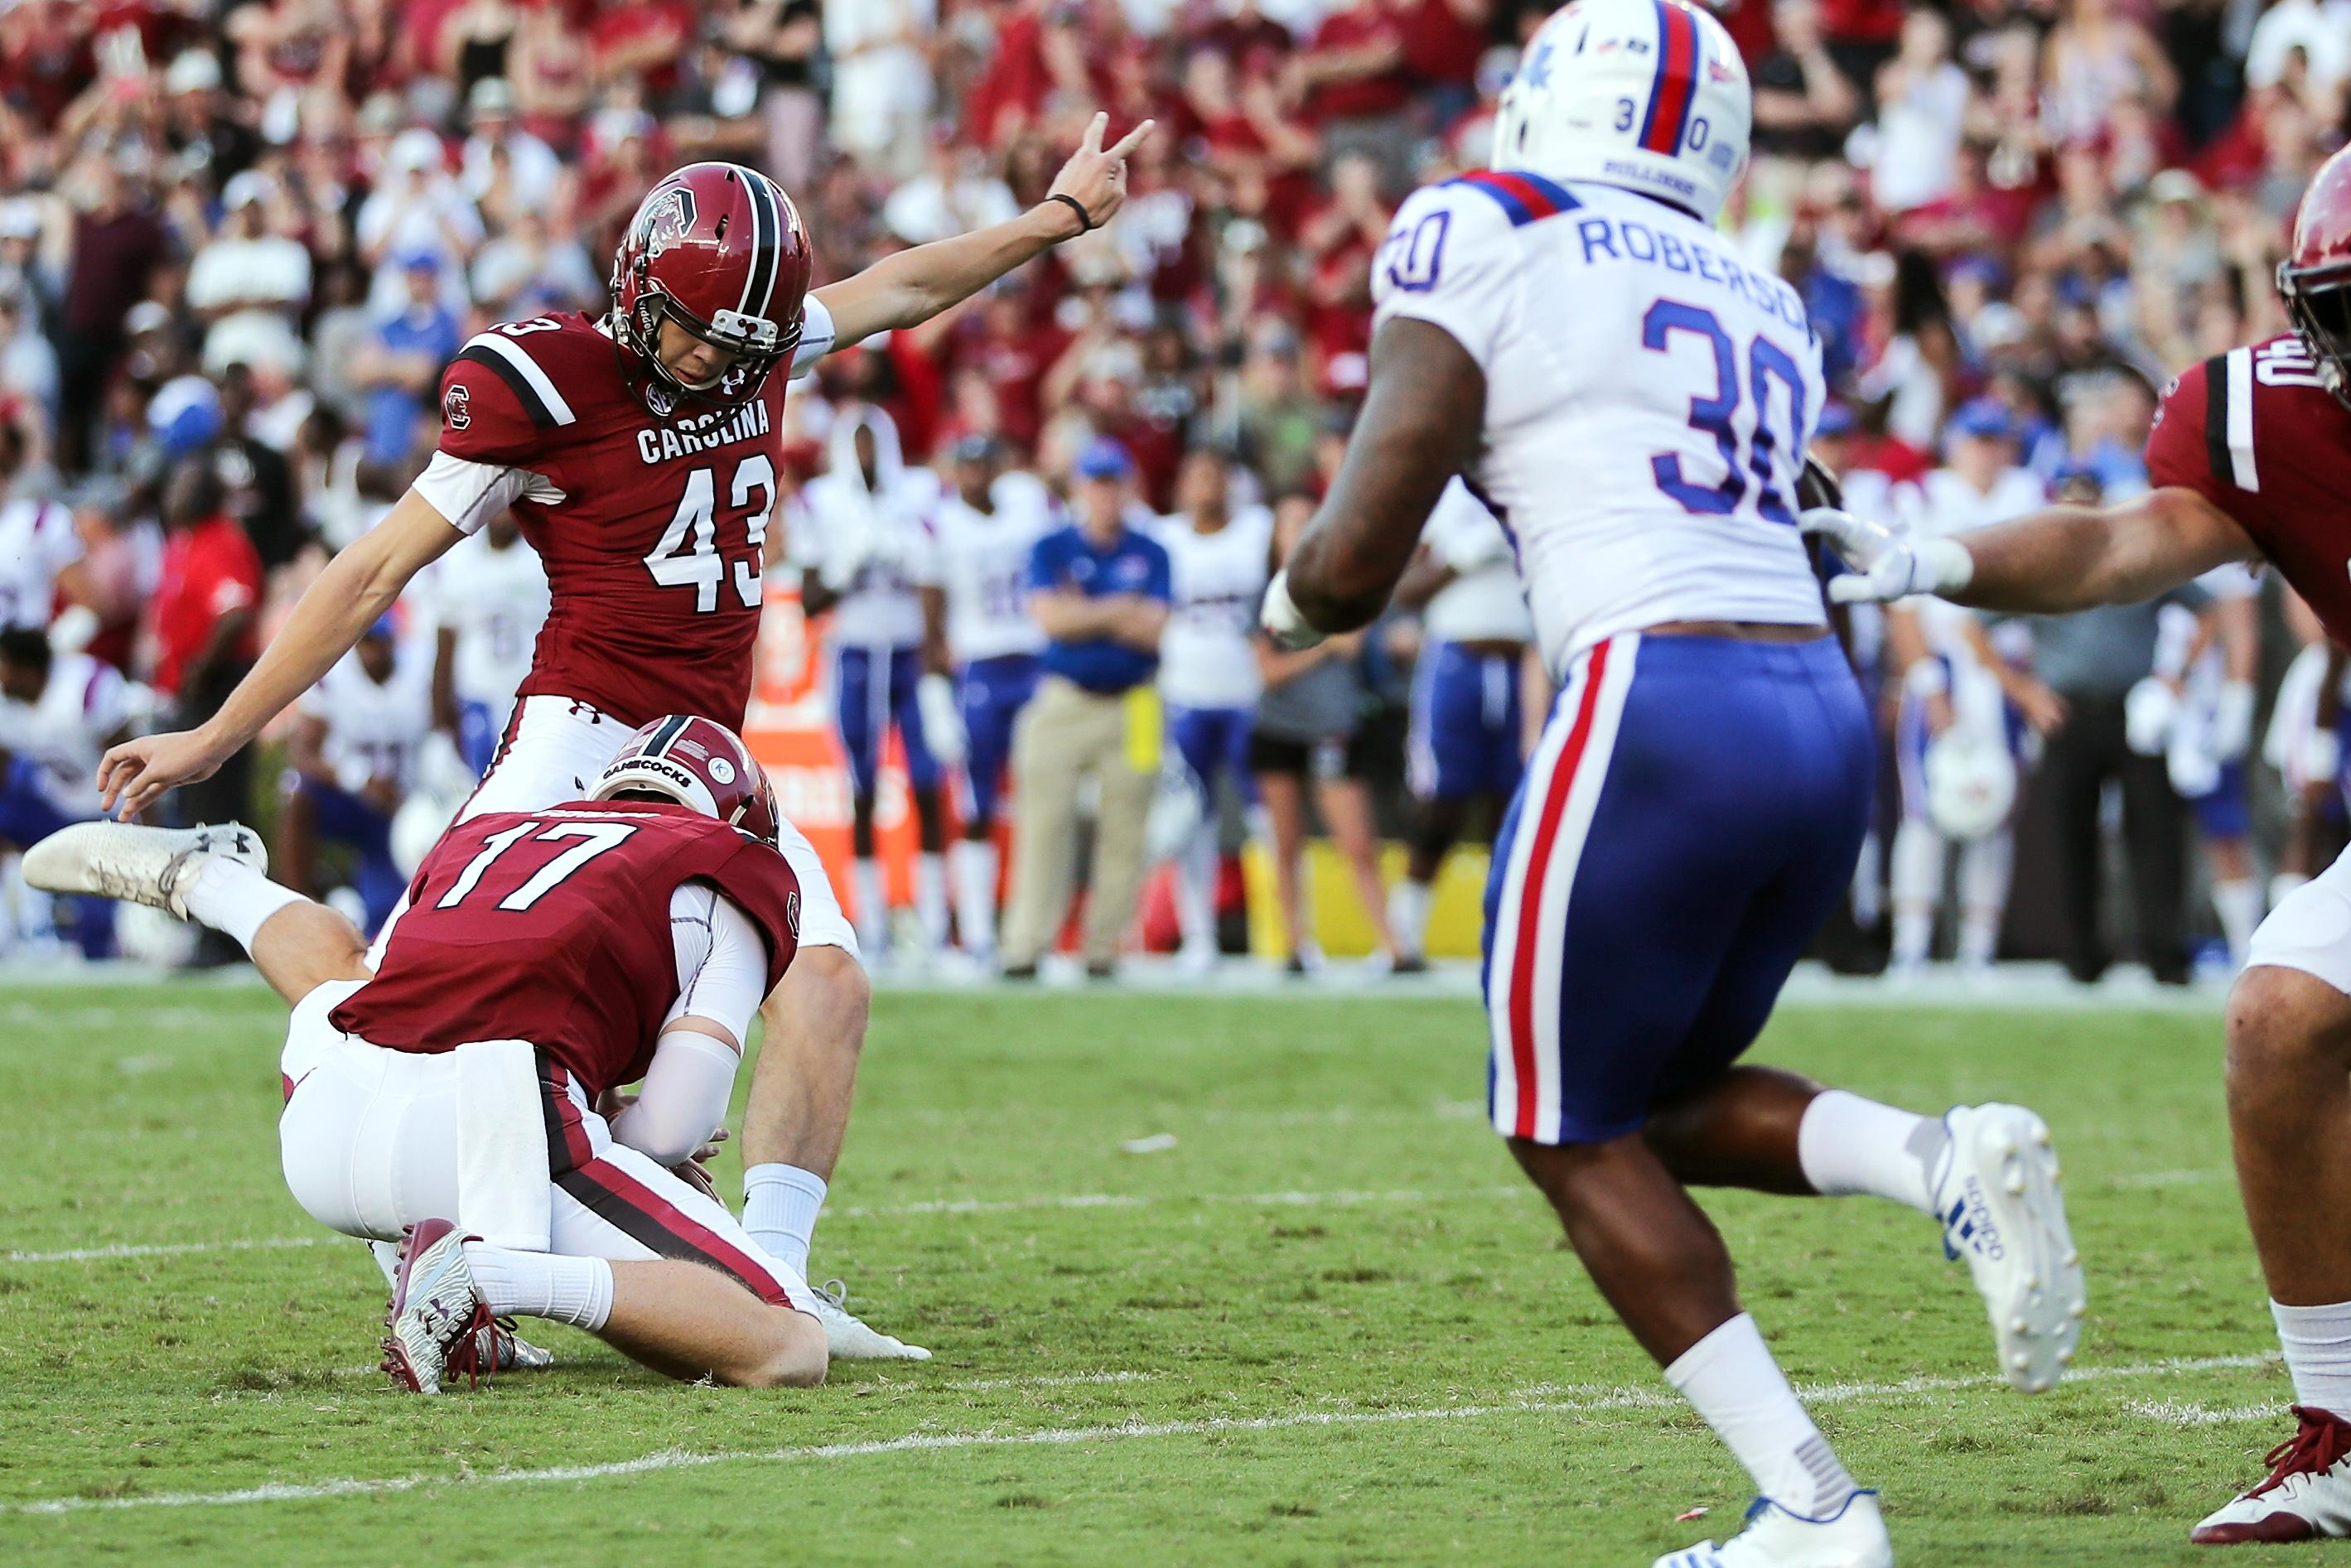 NCAA Football: Louisiana Tech at South Carolina